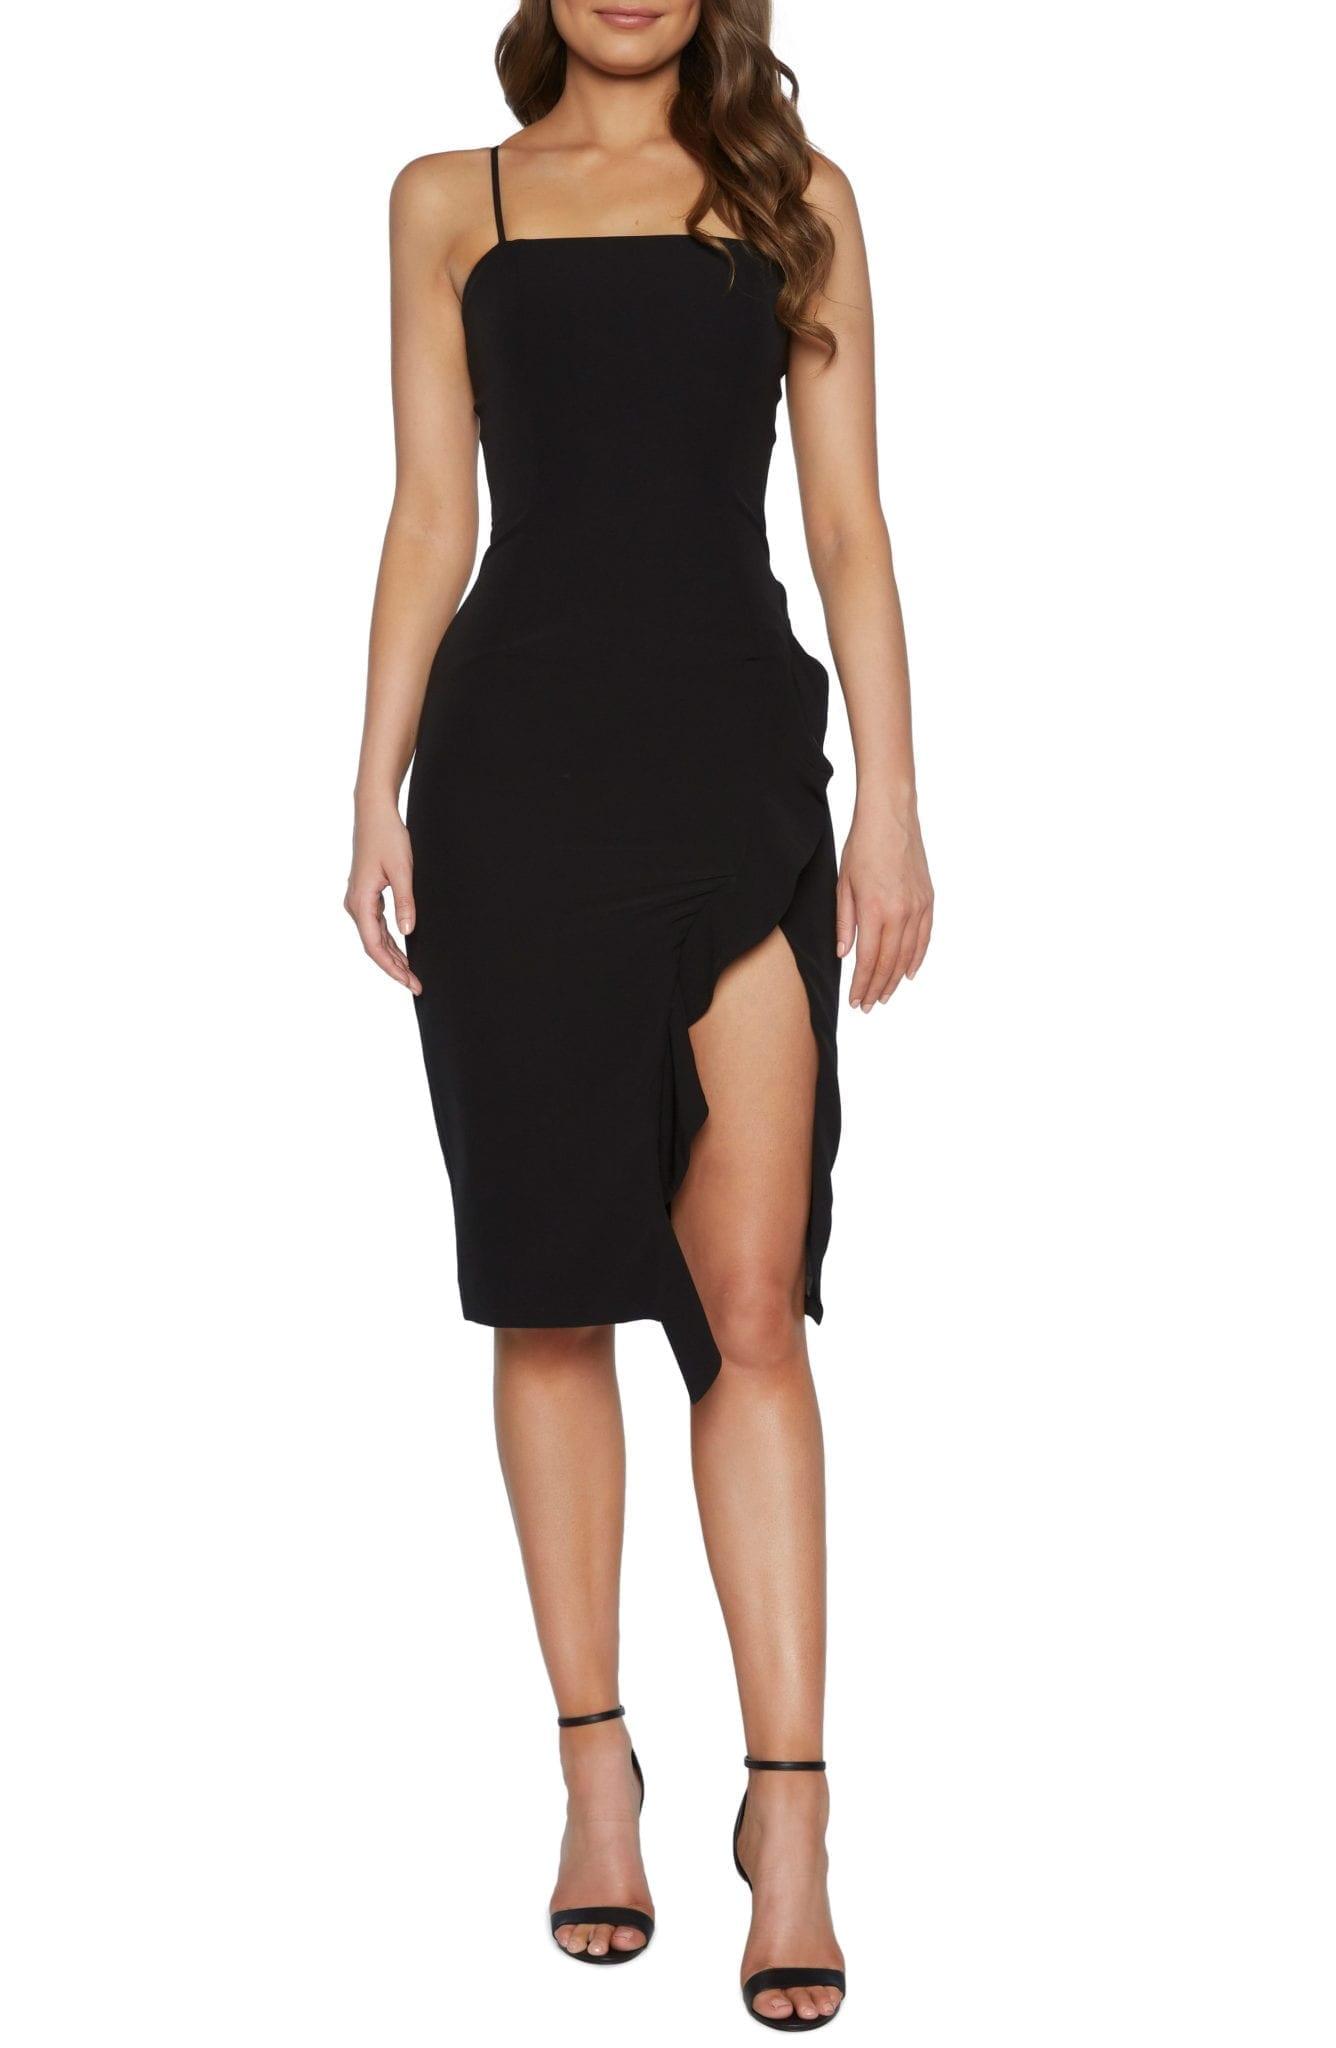 b16ef6b6c6a Little Black Dresses - We Select Dresses